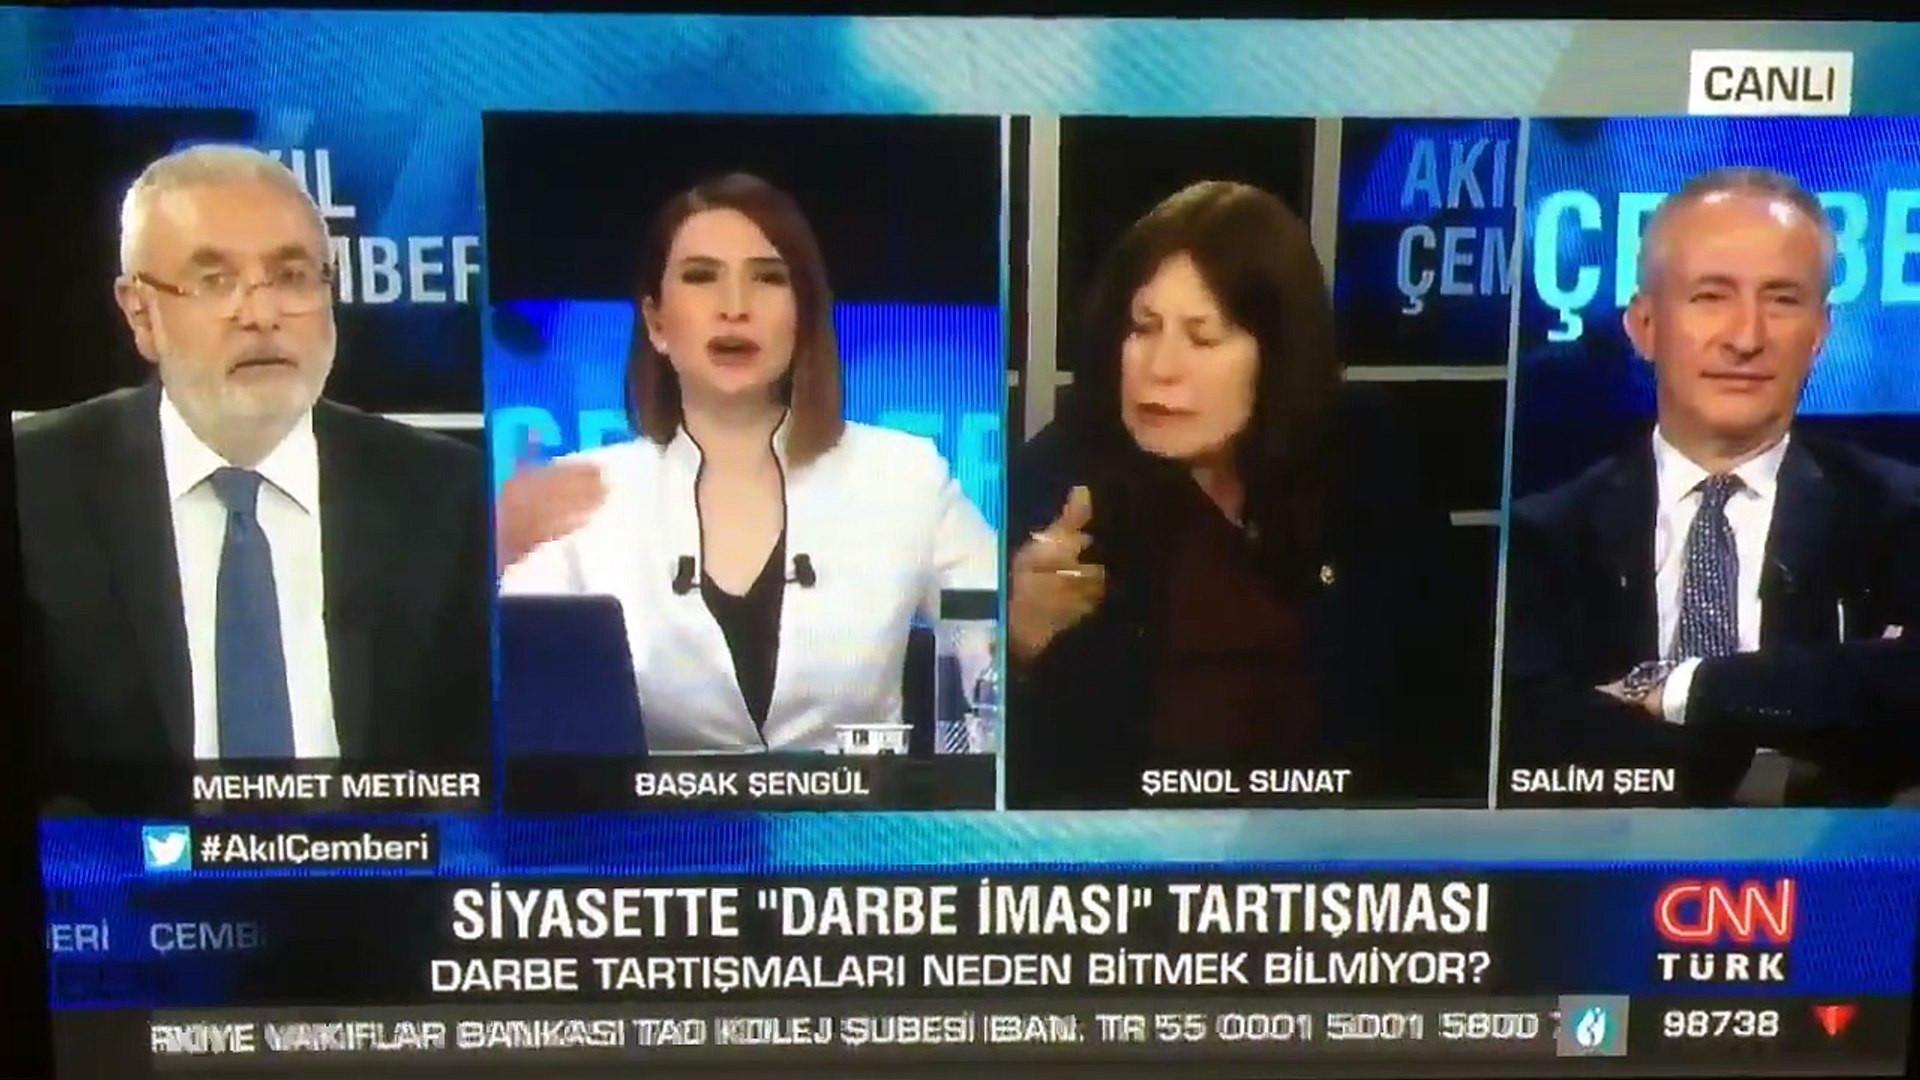 AK Partili Mehmet Metiner'e canlı yayında soğuk duş